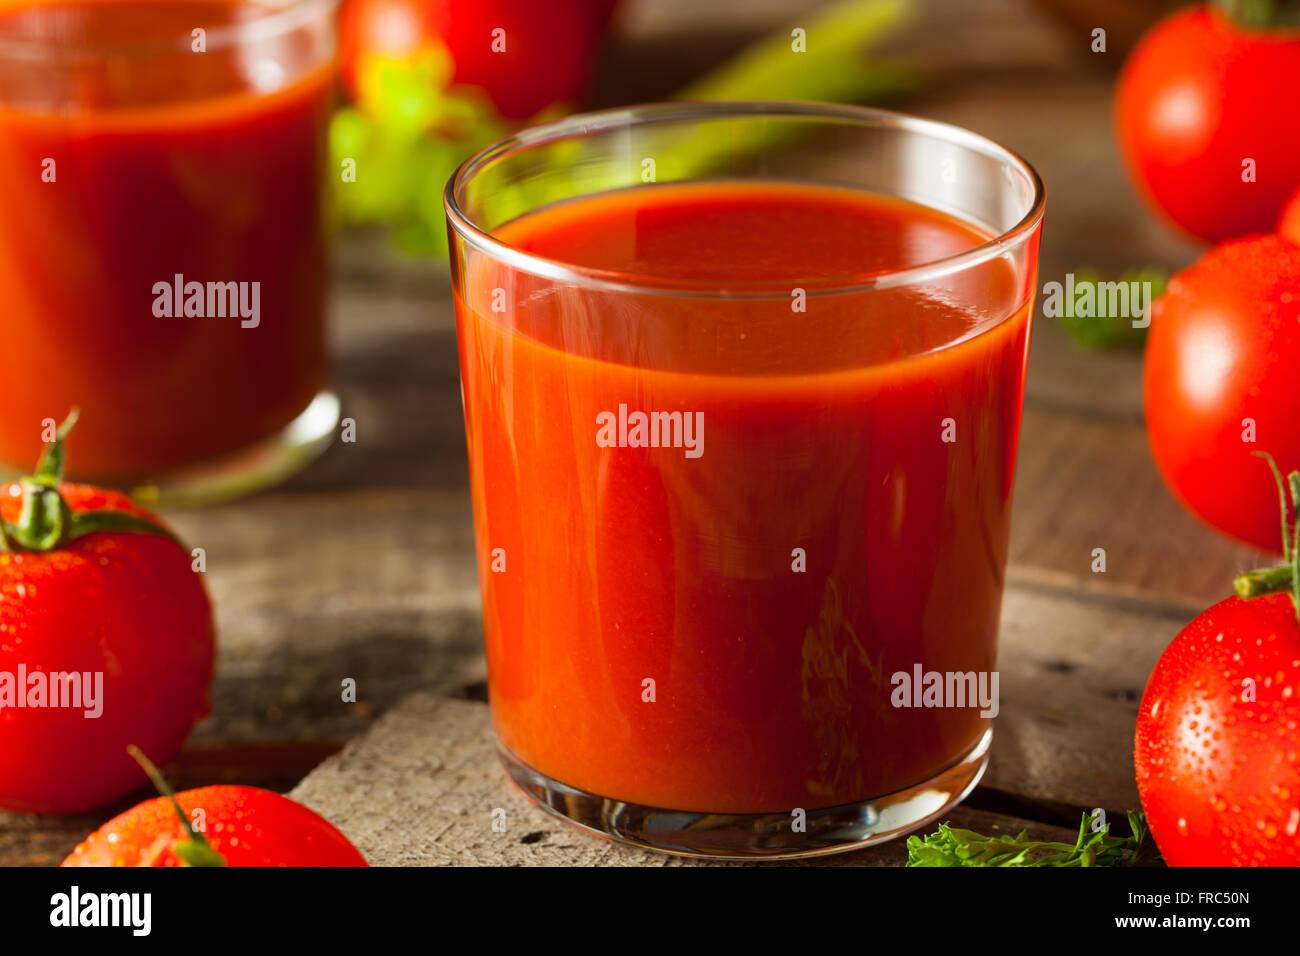 Jus de tomates biologiques crus avec le persil et le céleri Photo Stock